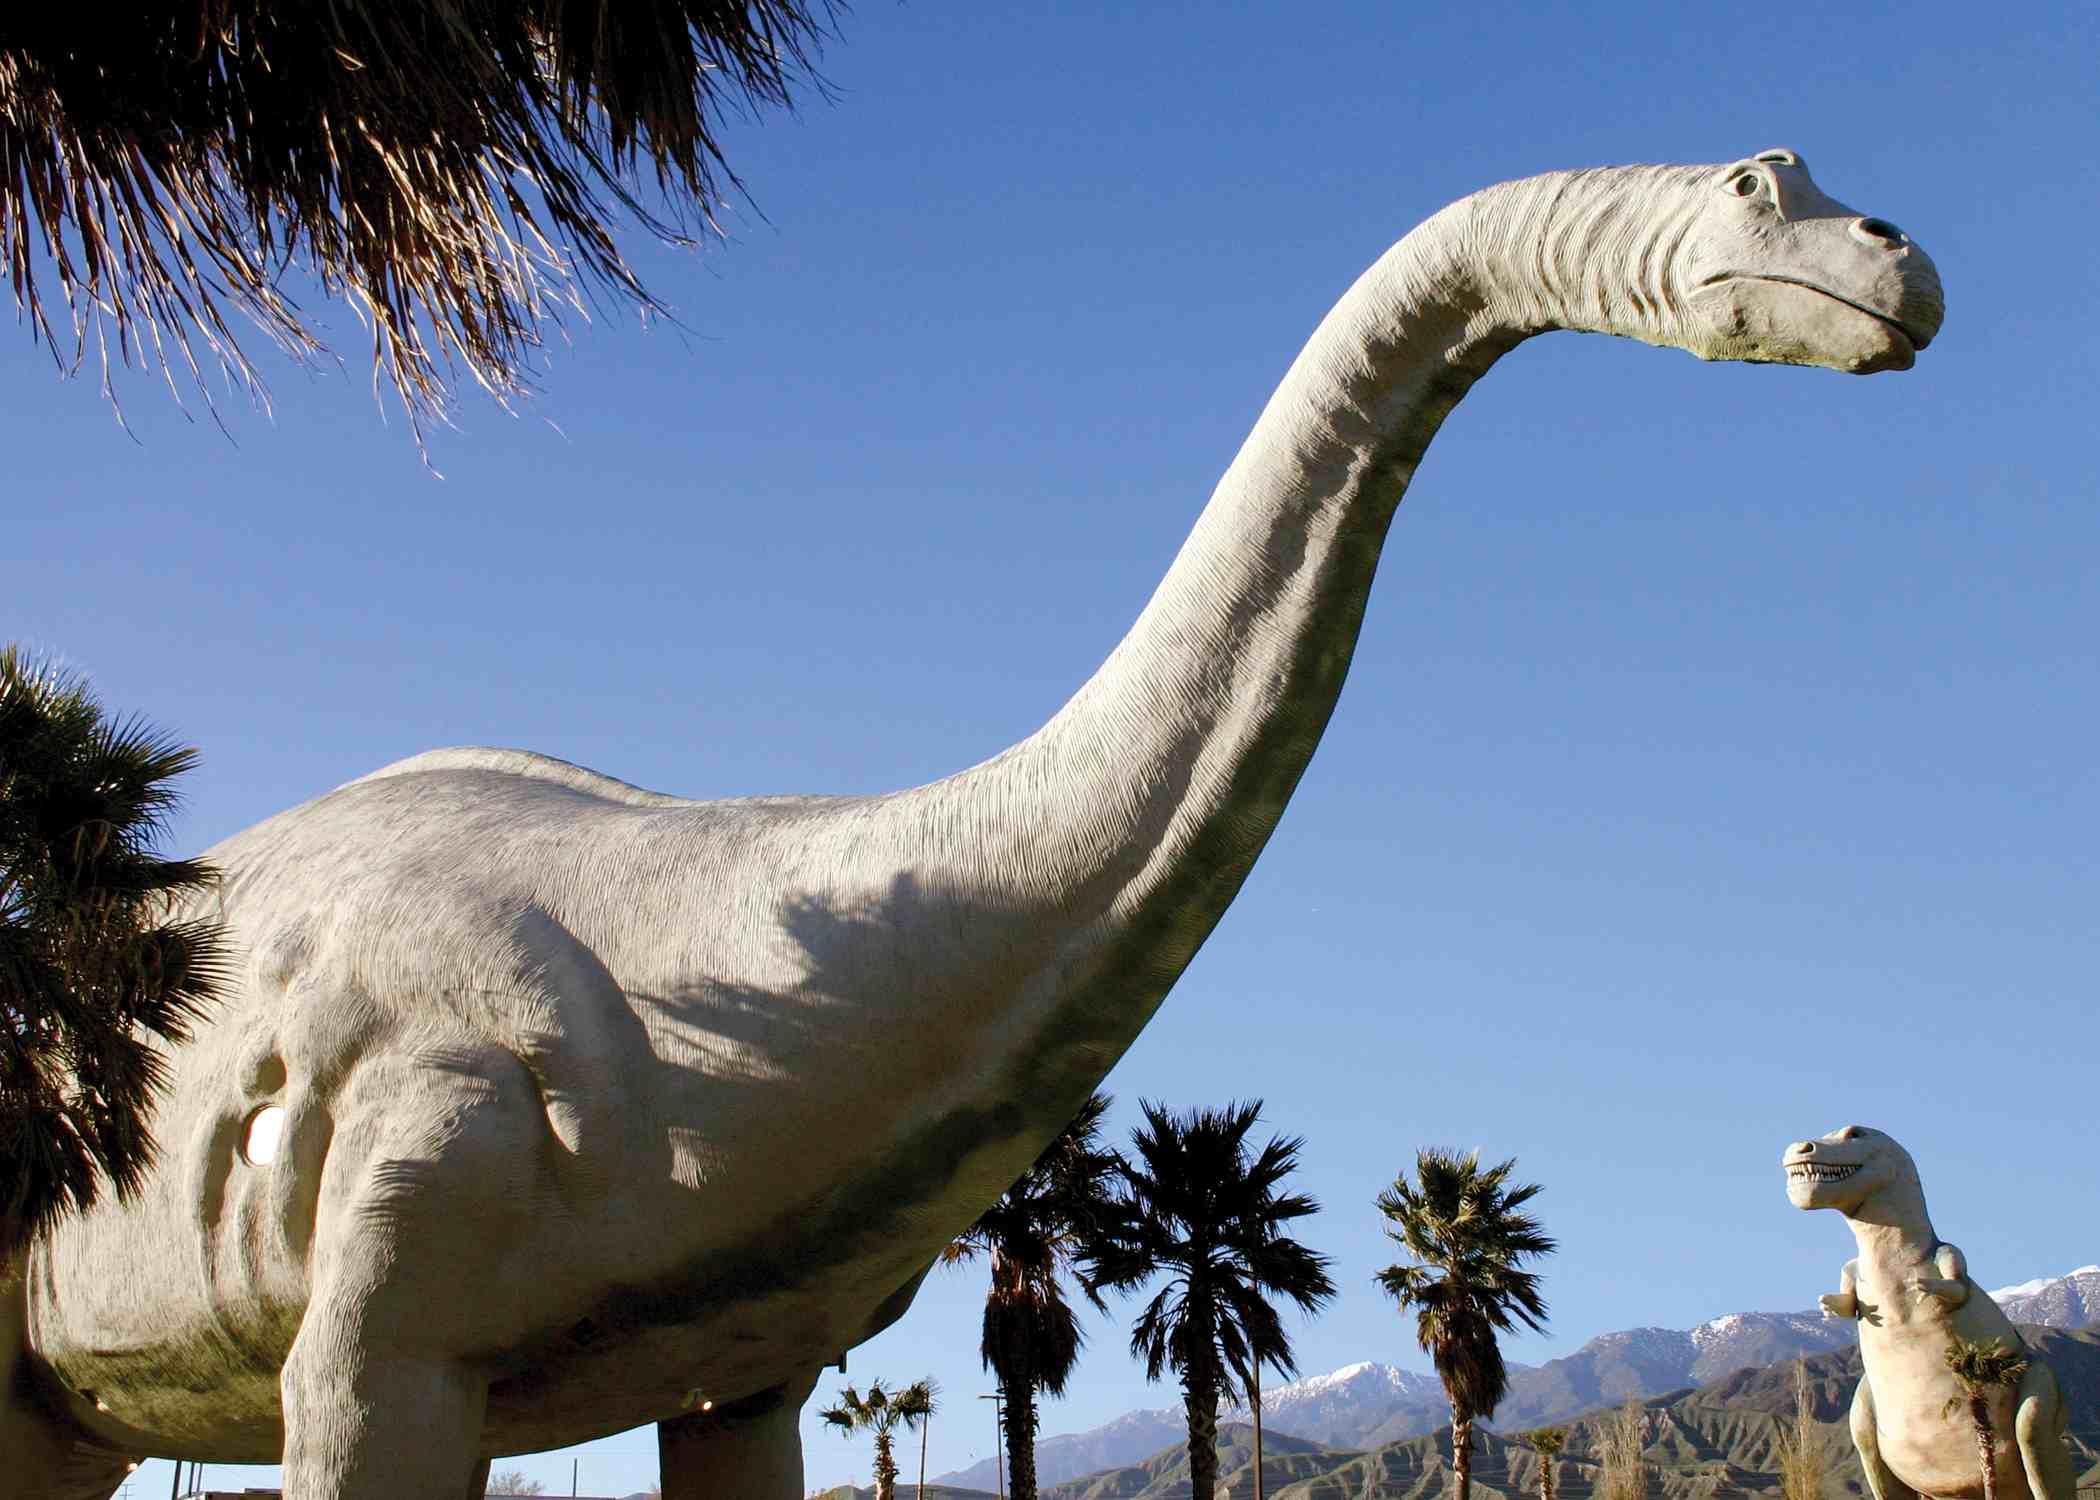 Dinosaur plaster